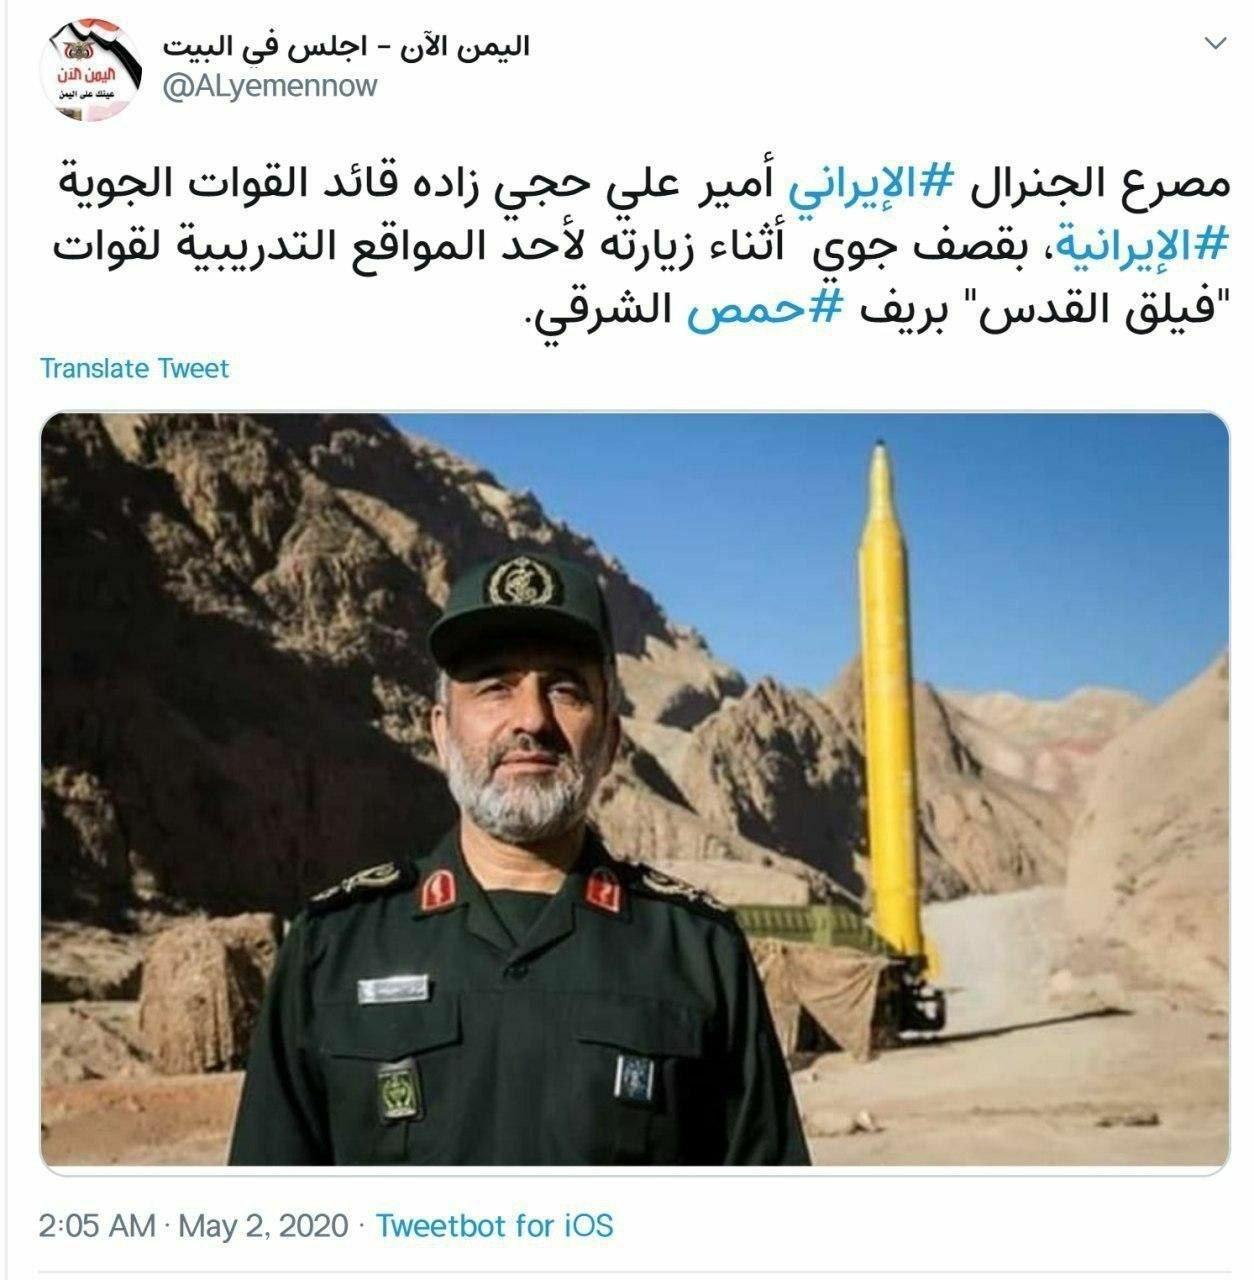 تکذیب خبر شهادت سرادر حاجی زاده توسط یک منبع آگاه در هوافضای سپاه